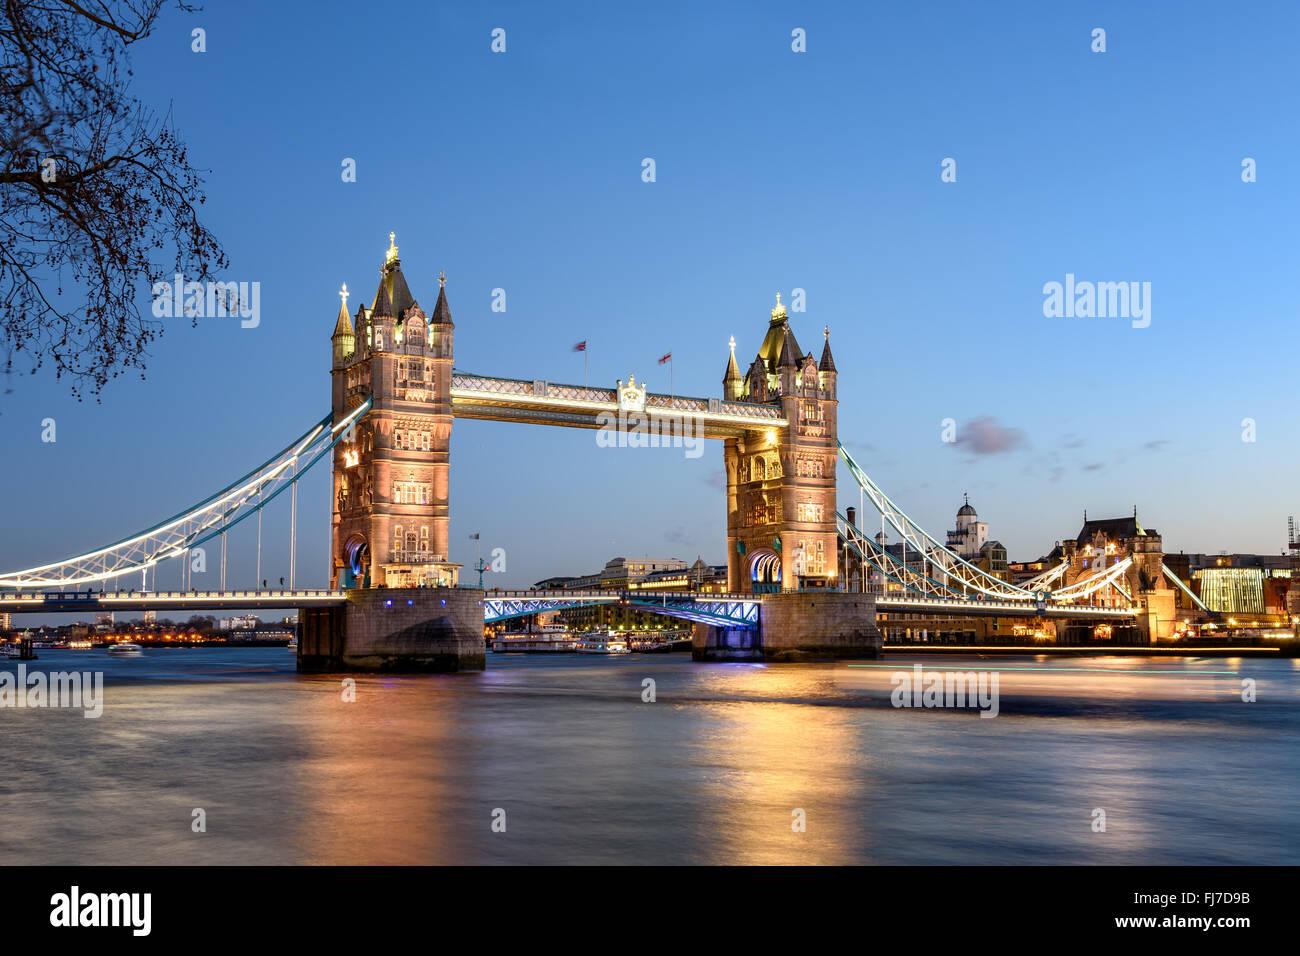 Tower Bridge de Londres, es el monumento más famoso y atractivo turístico. Imagen De Stock